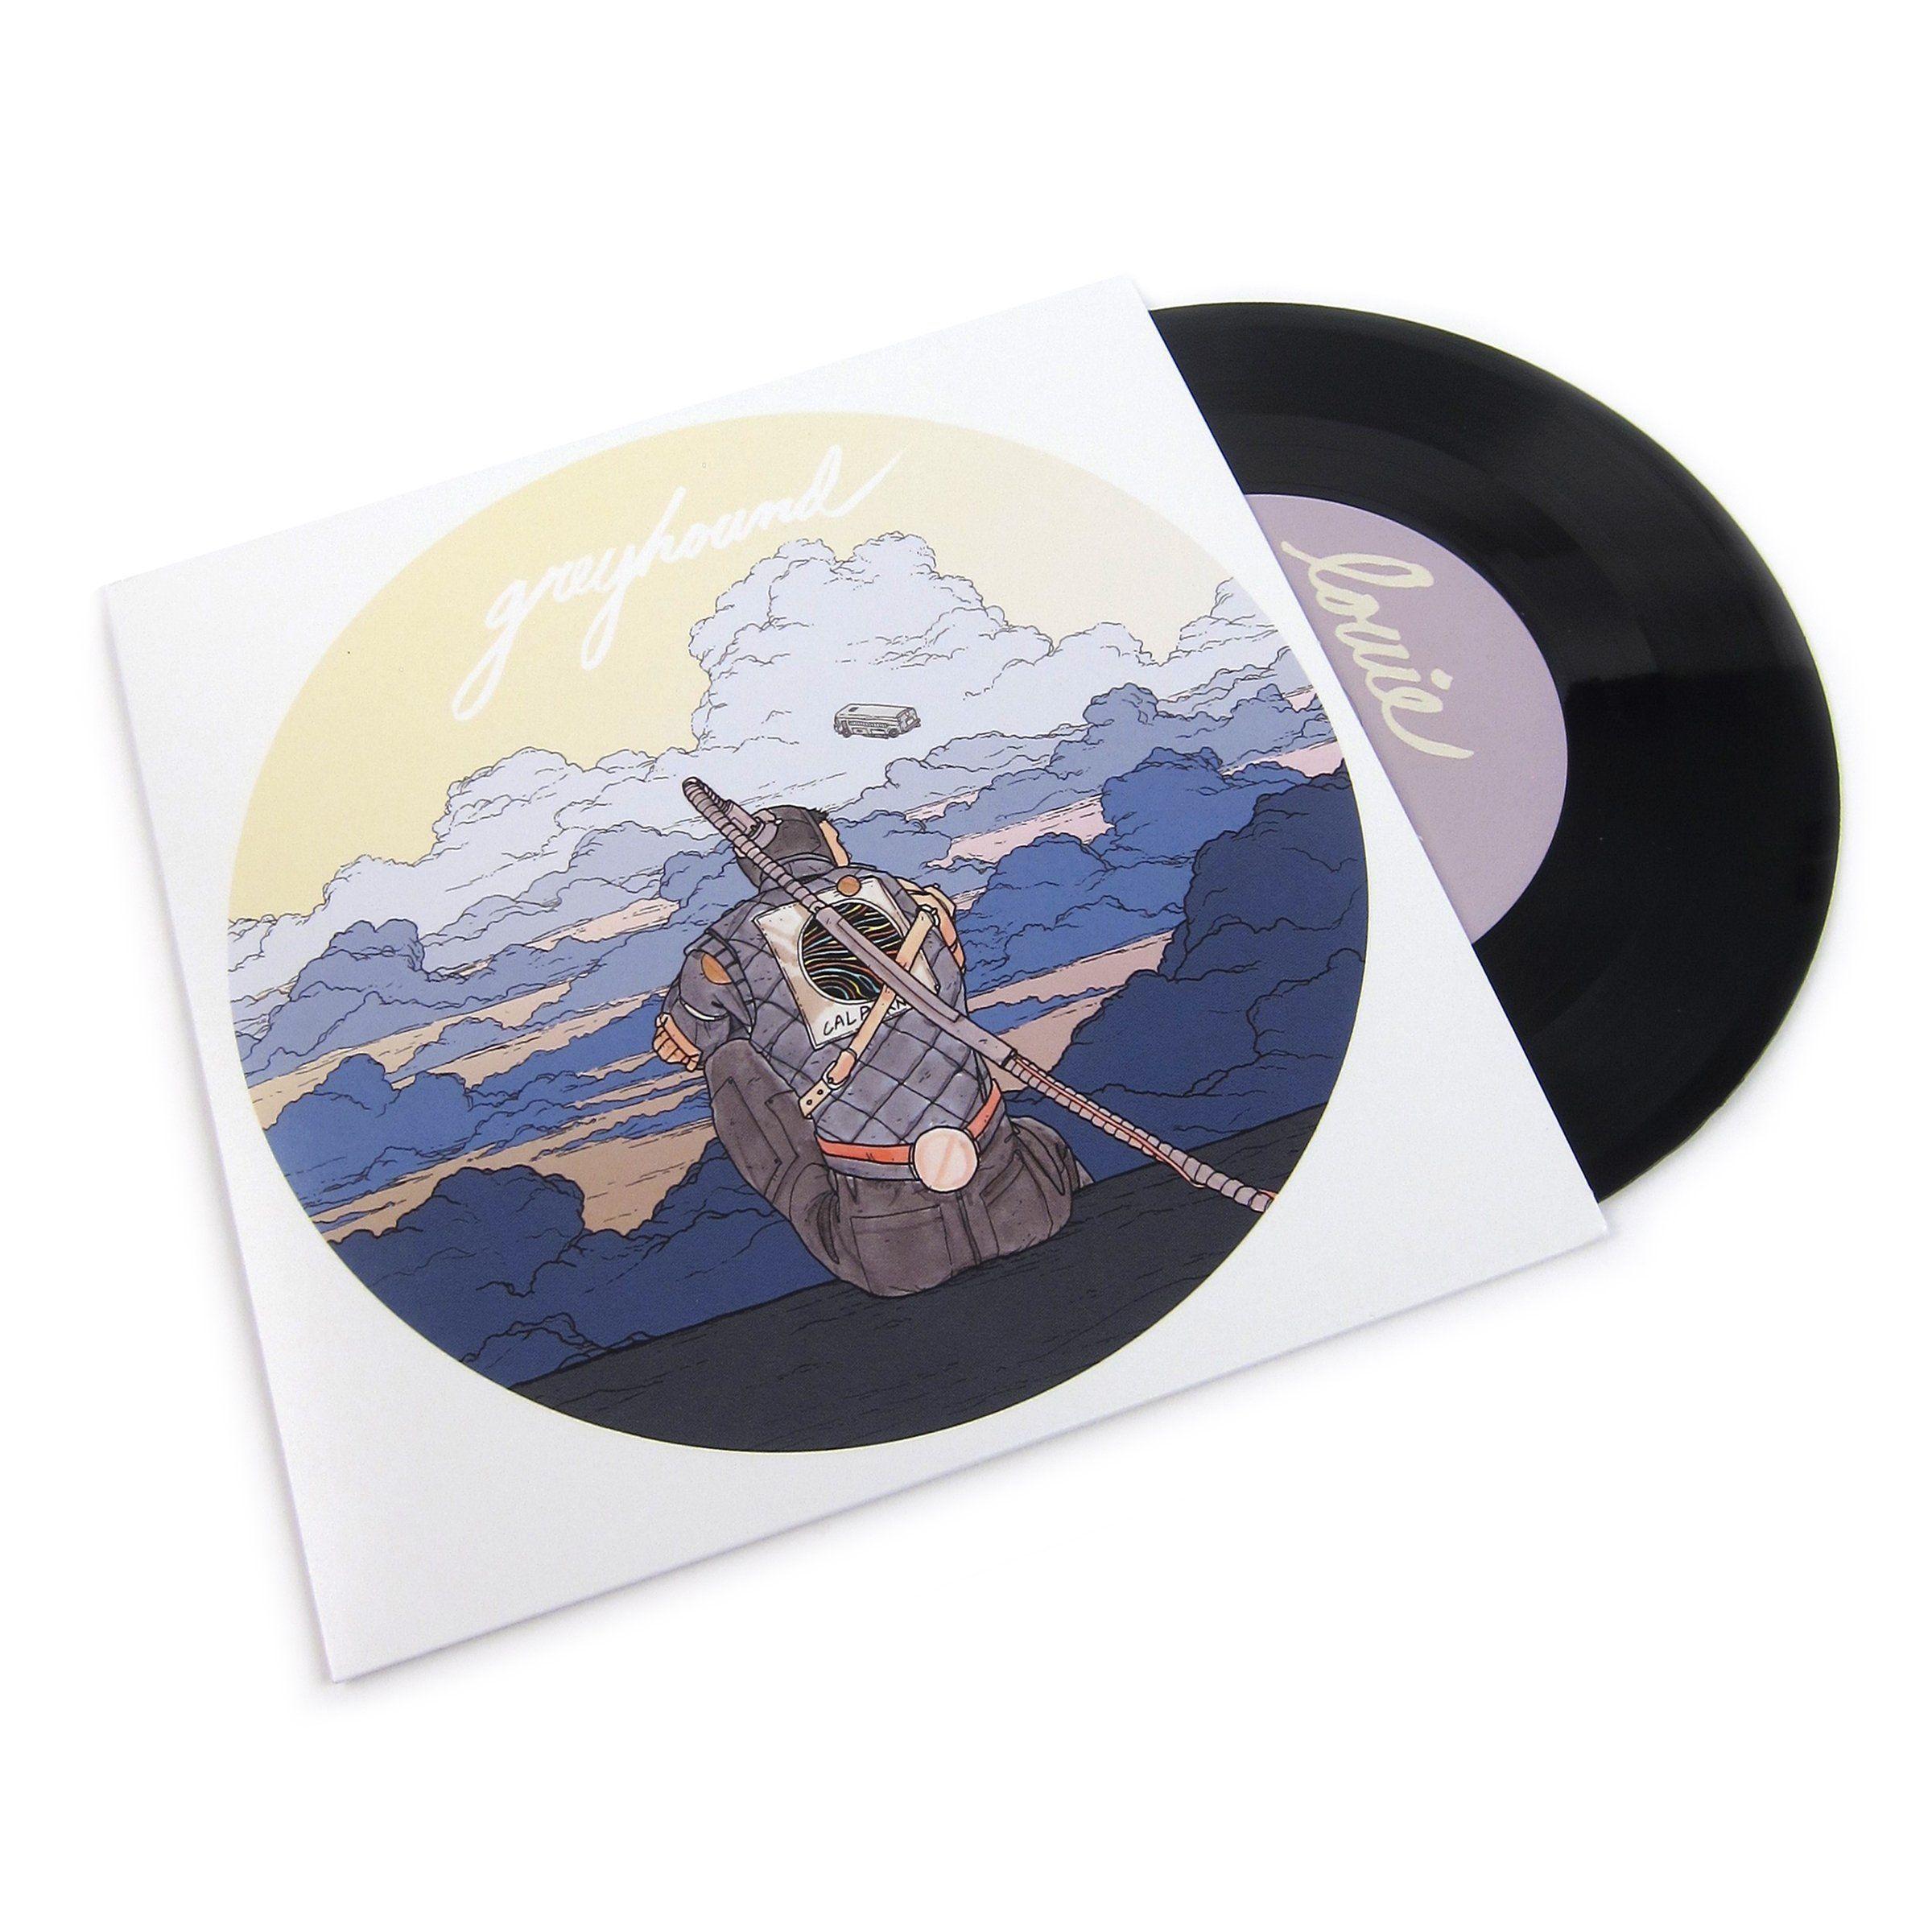 Calpurnia: Greyhound / Luoie (Indie Exclusive) Vinyl 7\